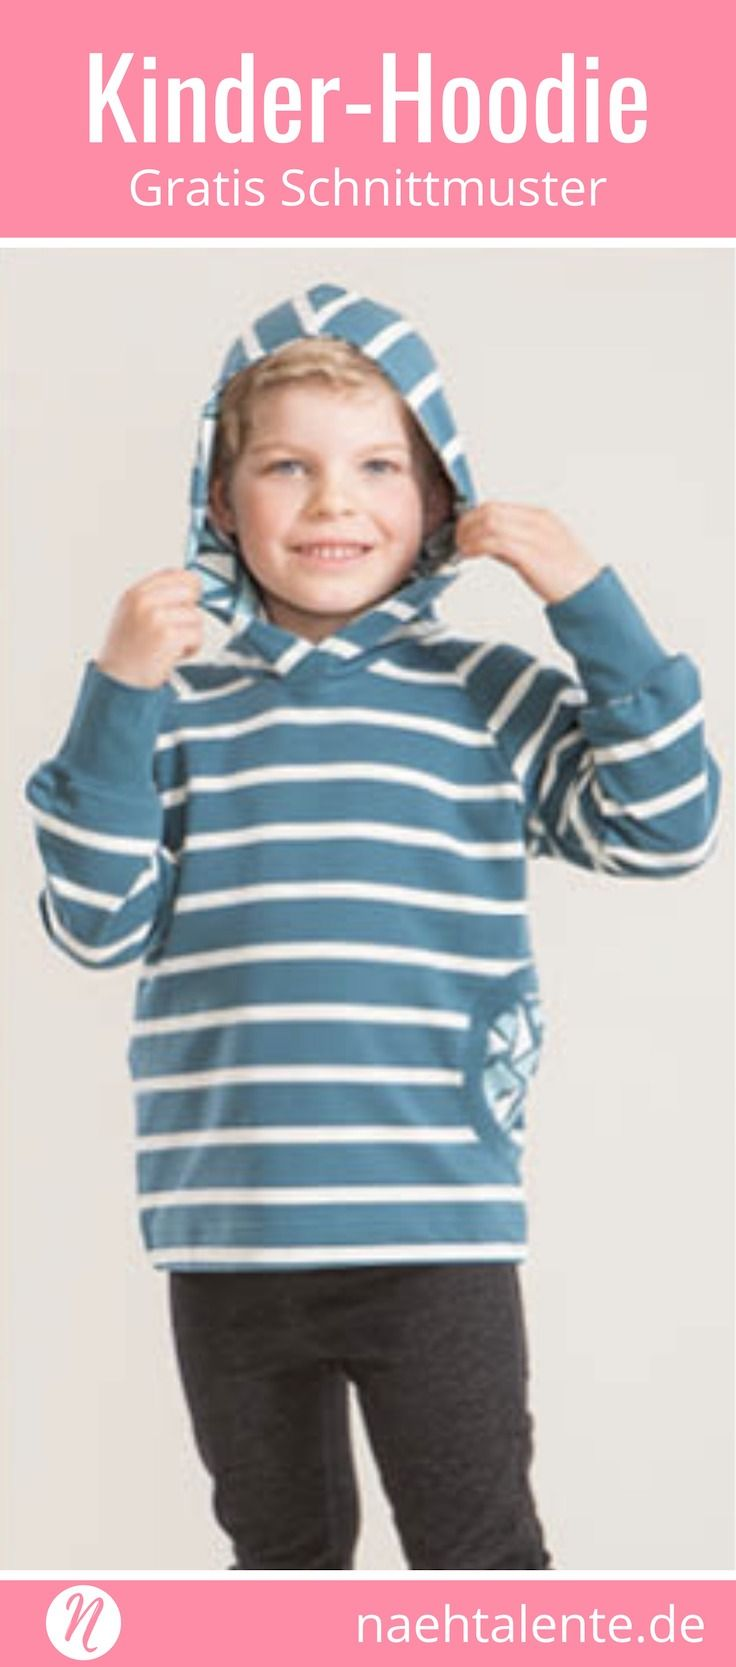 Kinder Hoodie mit Kapuze - Freebook. Grösse 86/92 – 134/140. PDF-Schnitt zum Ausdrucken. Kinderkleidung selber nähen ✂️ Nähtalente - Das Magazin für Hobbyschneider/innen mit Schnittmuster-Datenbank ✂️ Free sewing pattern for a childrens  hoodie ✂️ Nähtalente - Magazin for sewing and free sewing pattern ✂️ #nähen #freebook #schnittmuster #gratis #nähenmachtglücklich #freesewingpattern #handmade #diy via @Naehtalente